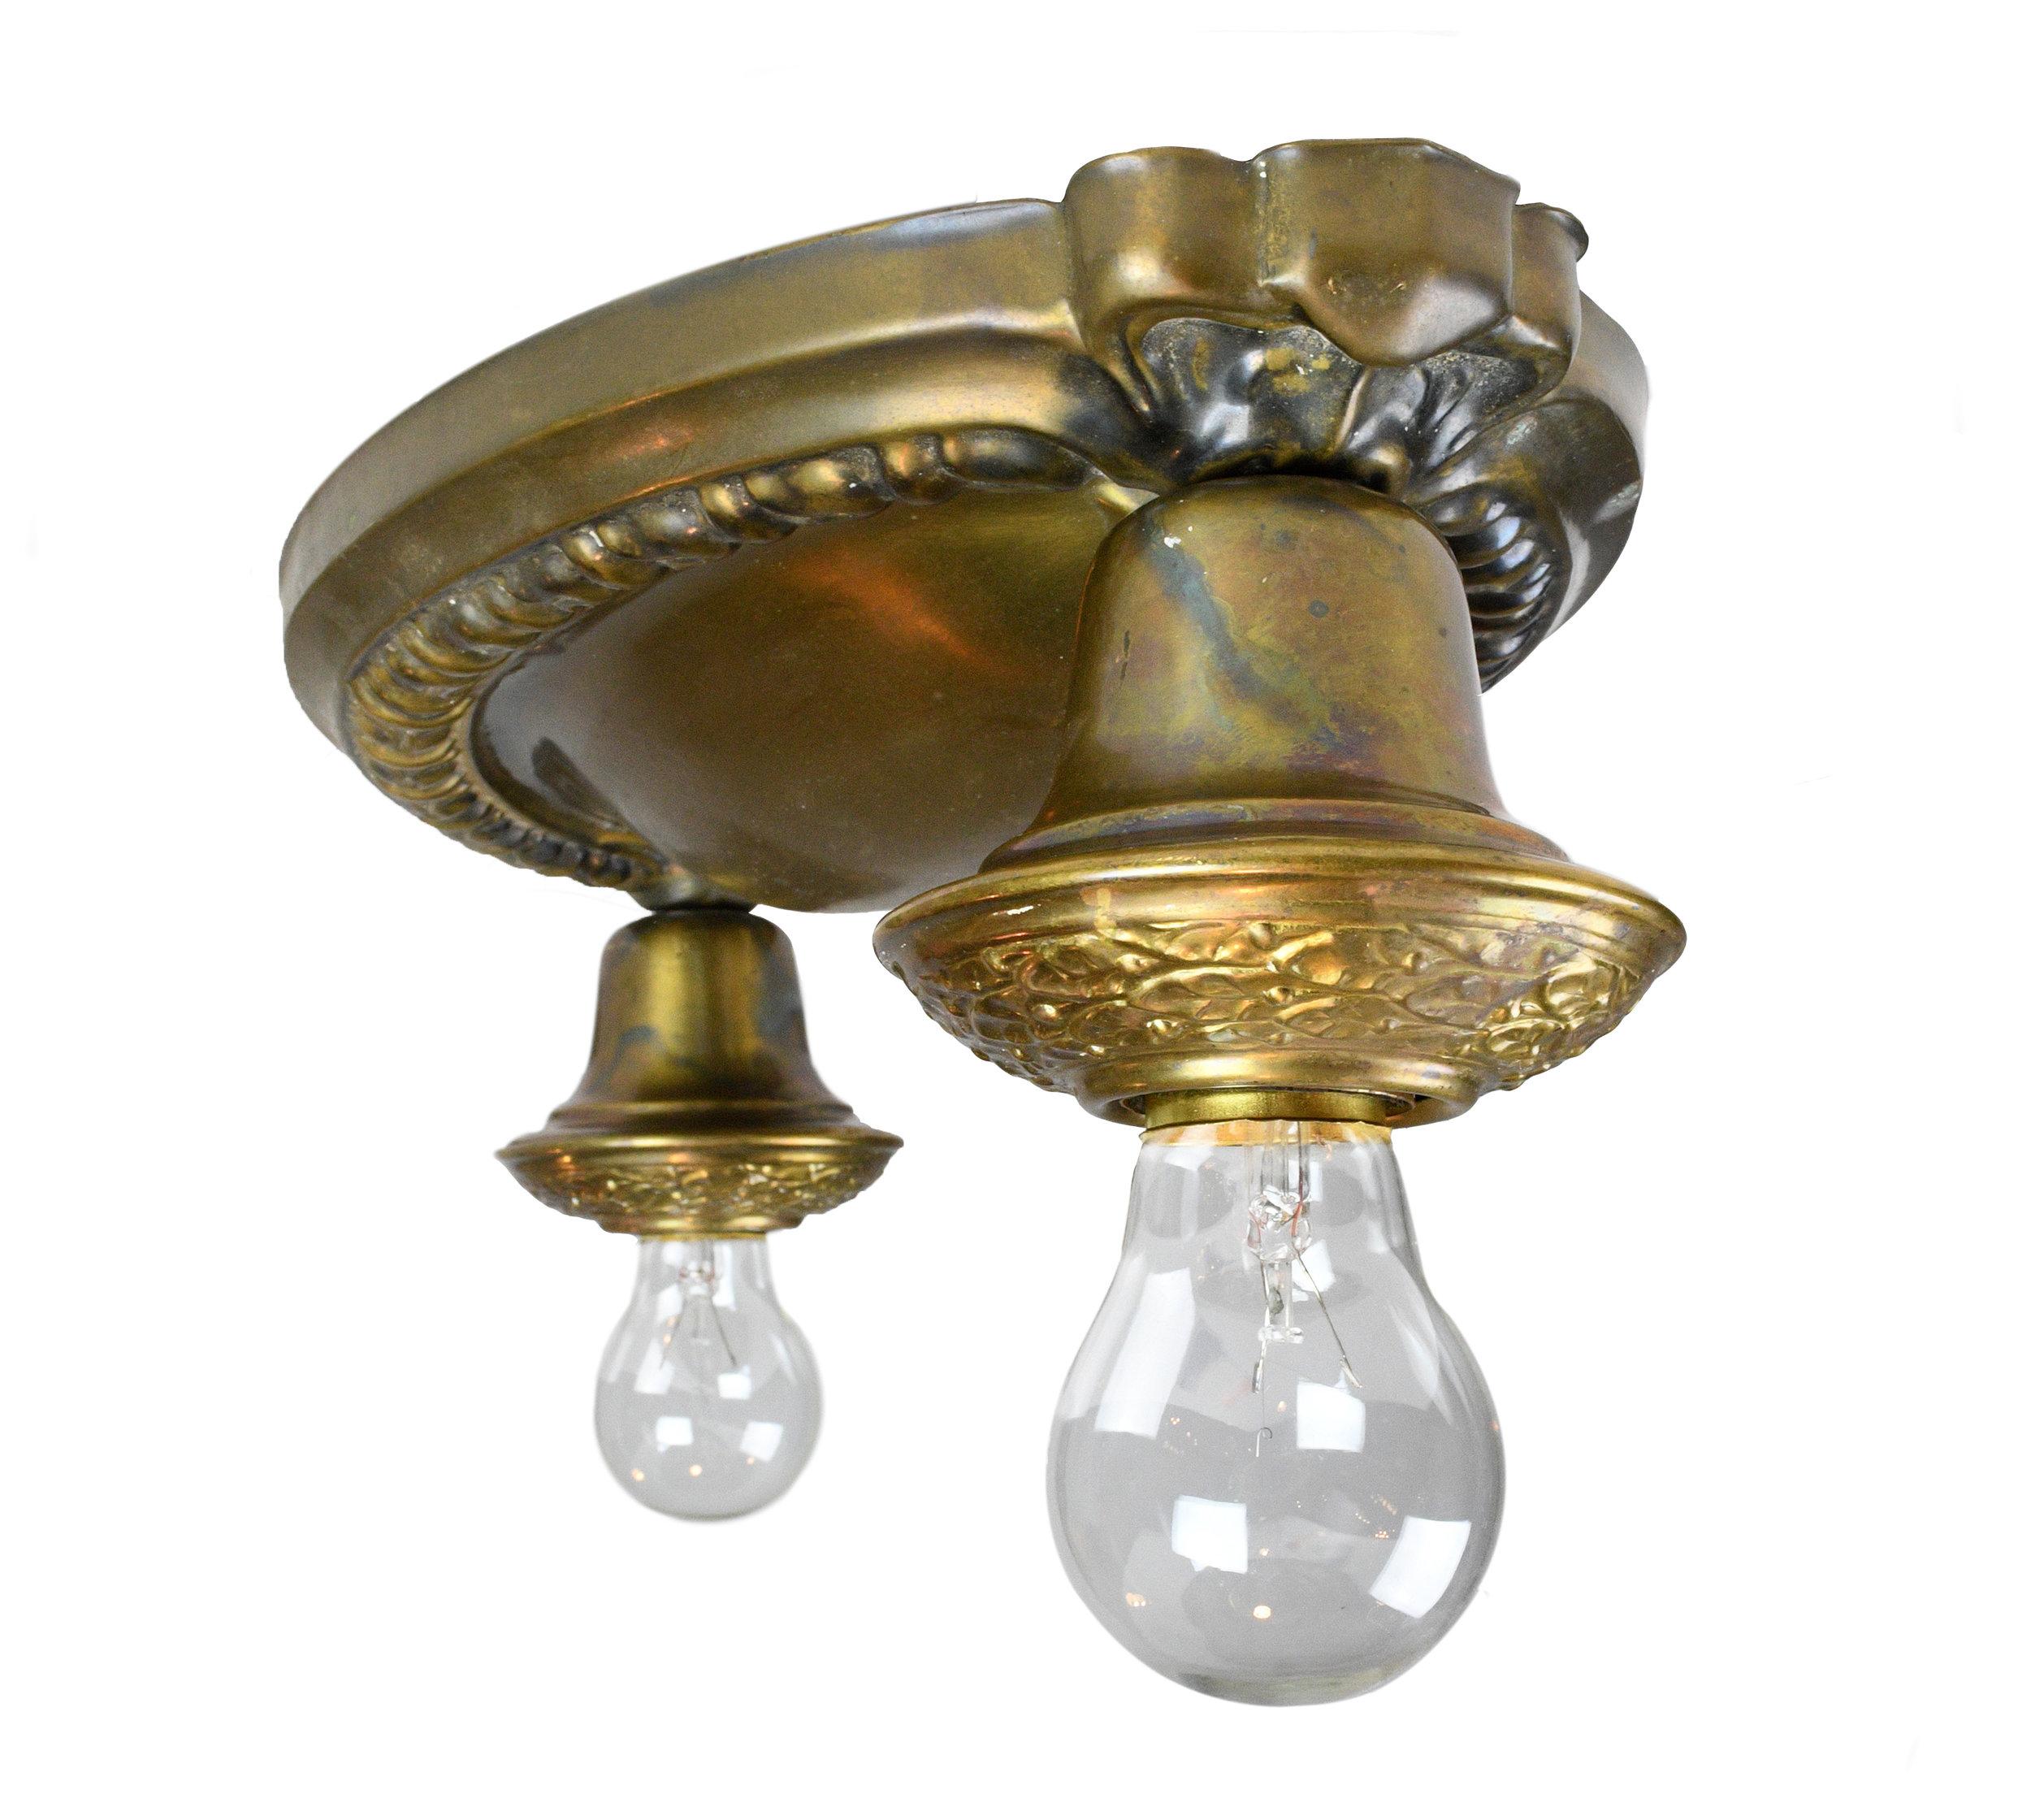 47603-2-light-flushmount-oval-detail-6.jpg